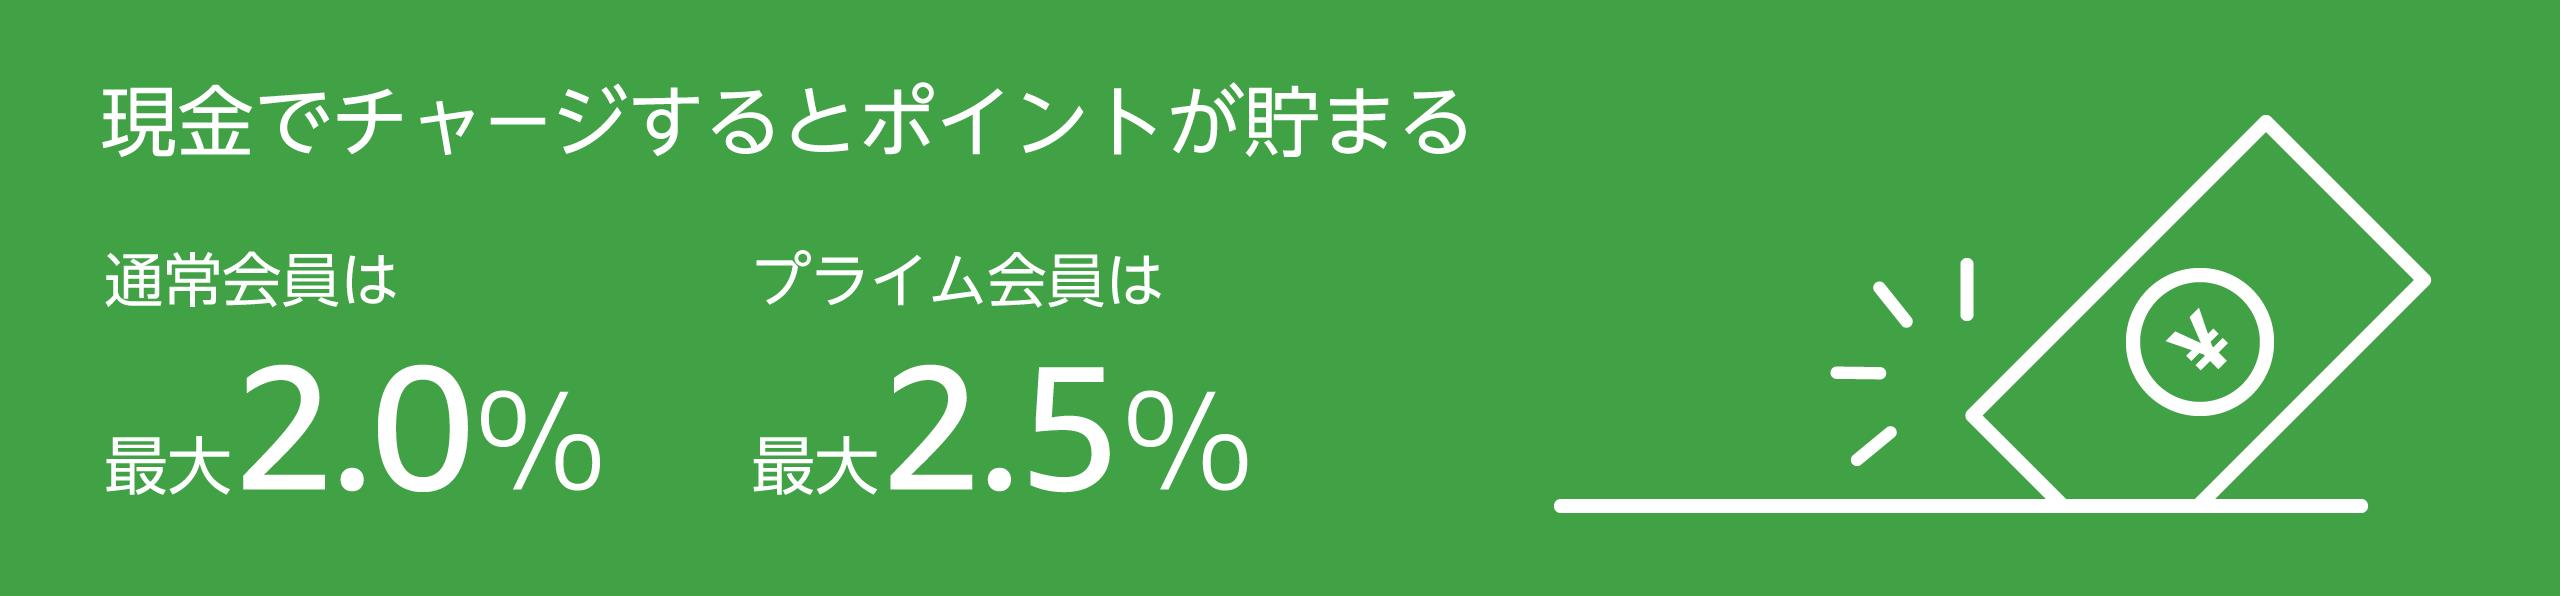 アマゾンギフト券を『現金』で『5,000円以上』購入すると、アマゾンポイントが貰えるキャンペーン